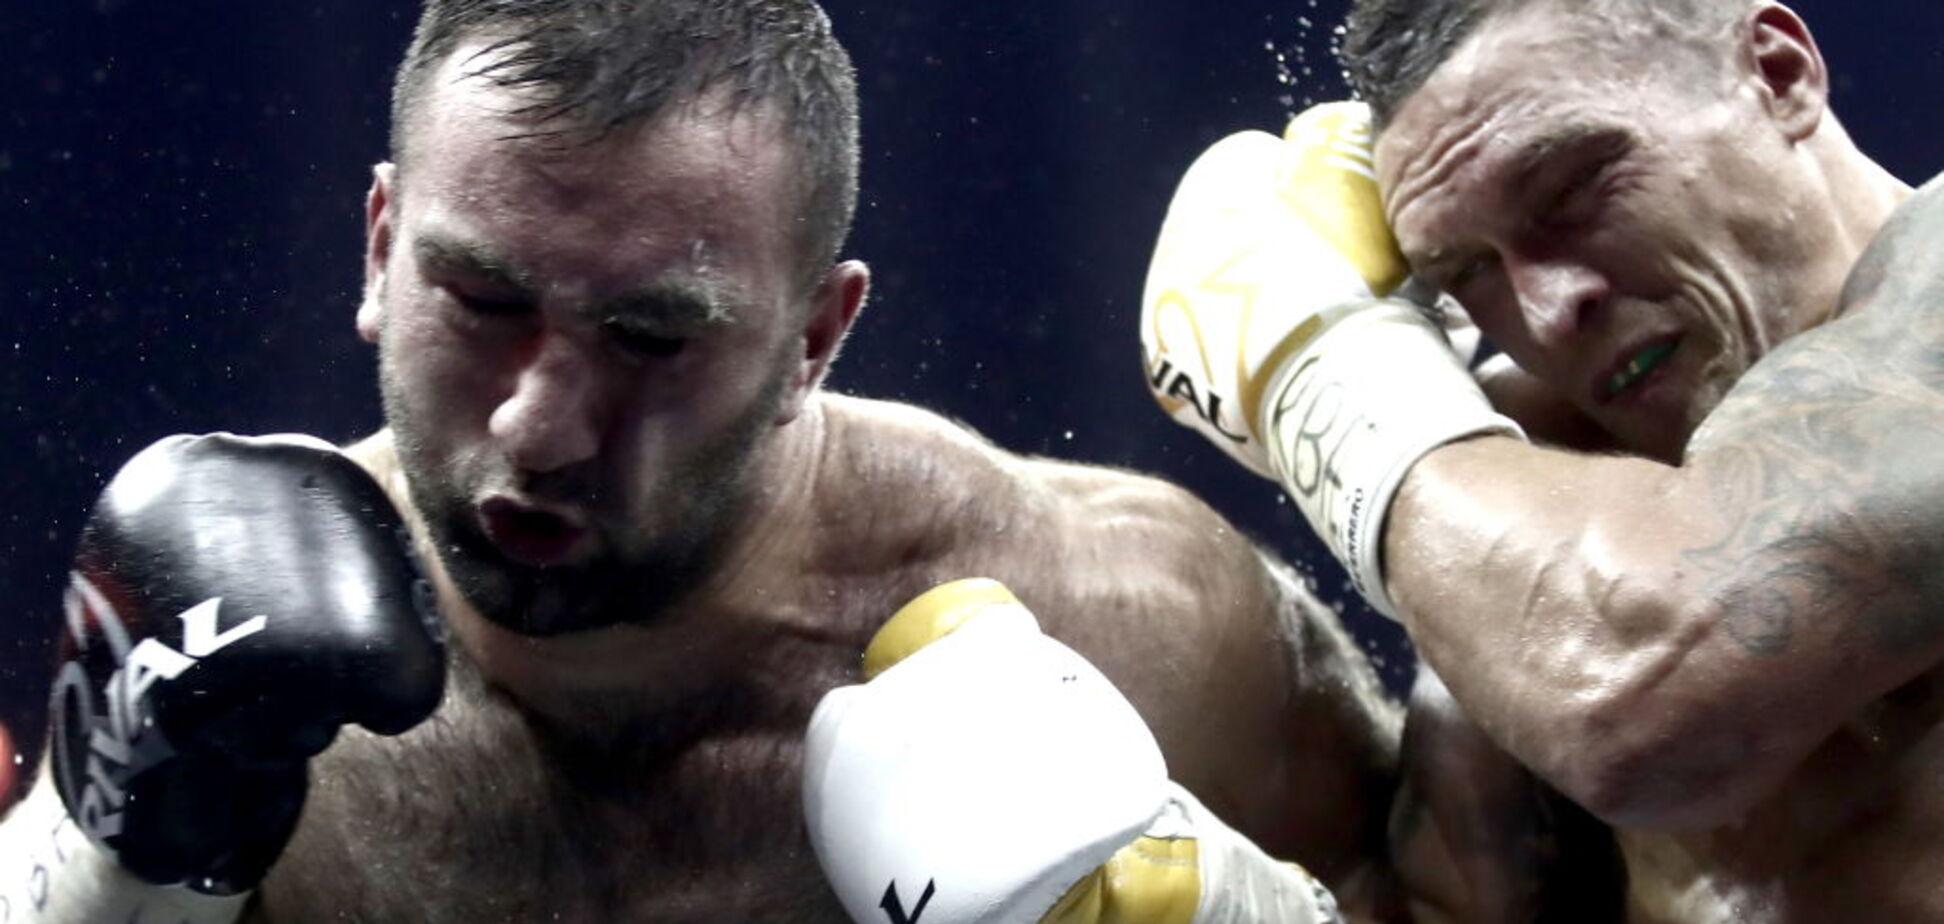 'Розмовляв із Гассієвим під час бою': Усик поділився подробицями фіналу WBSS